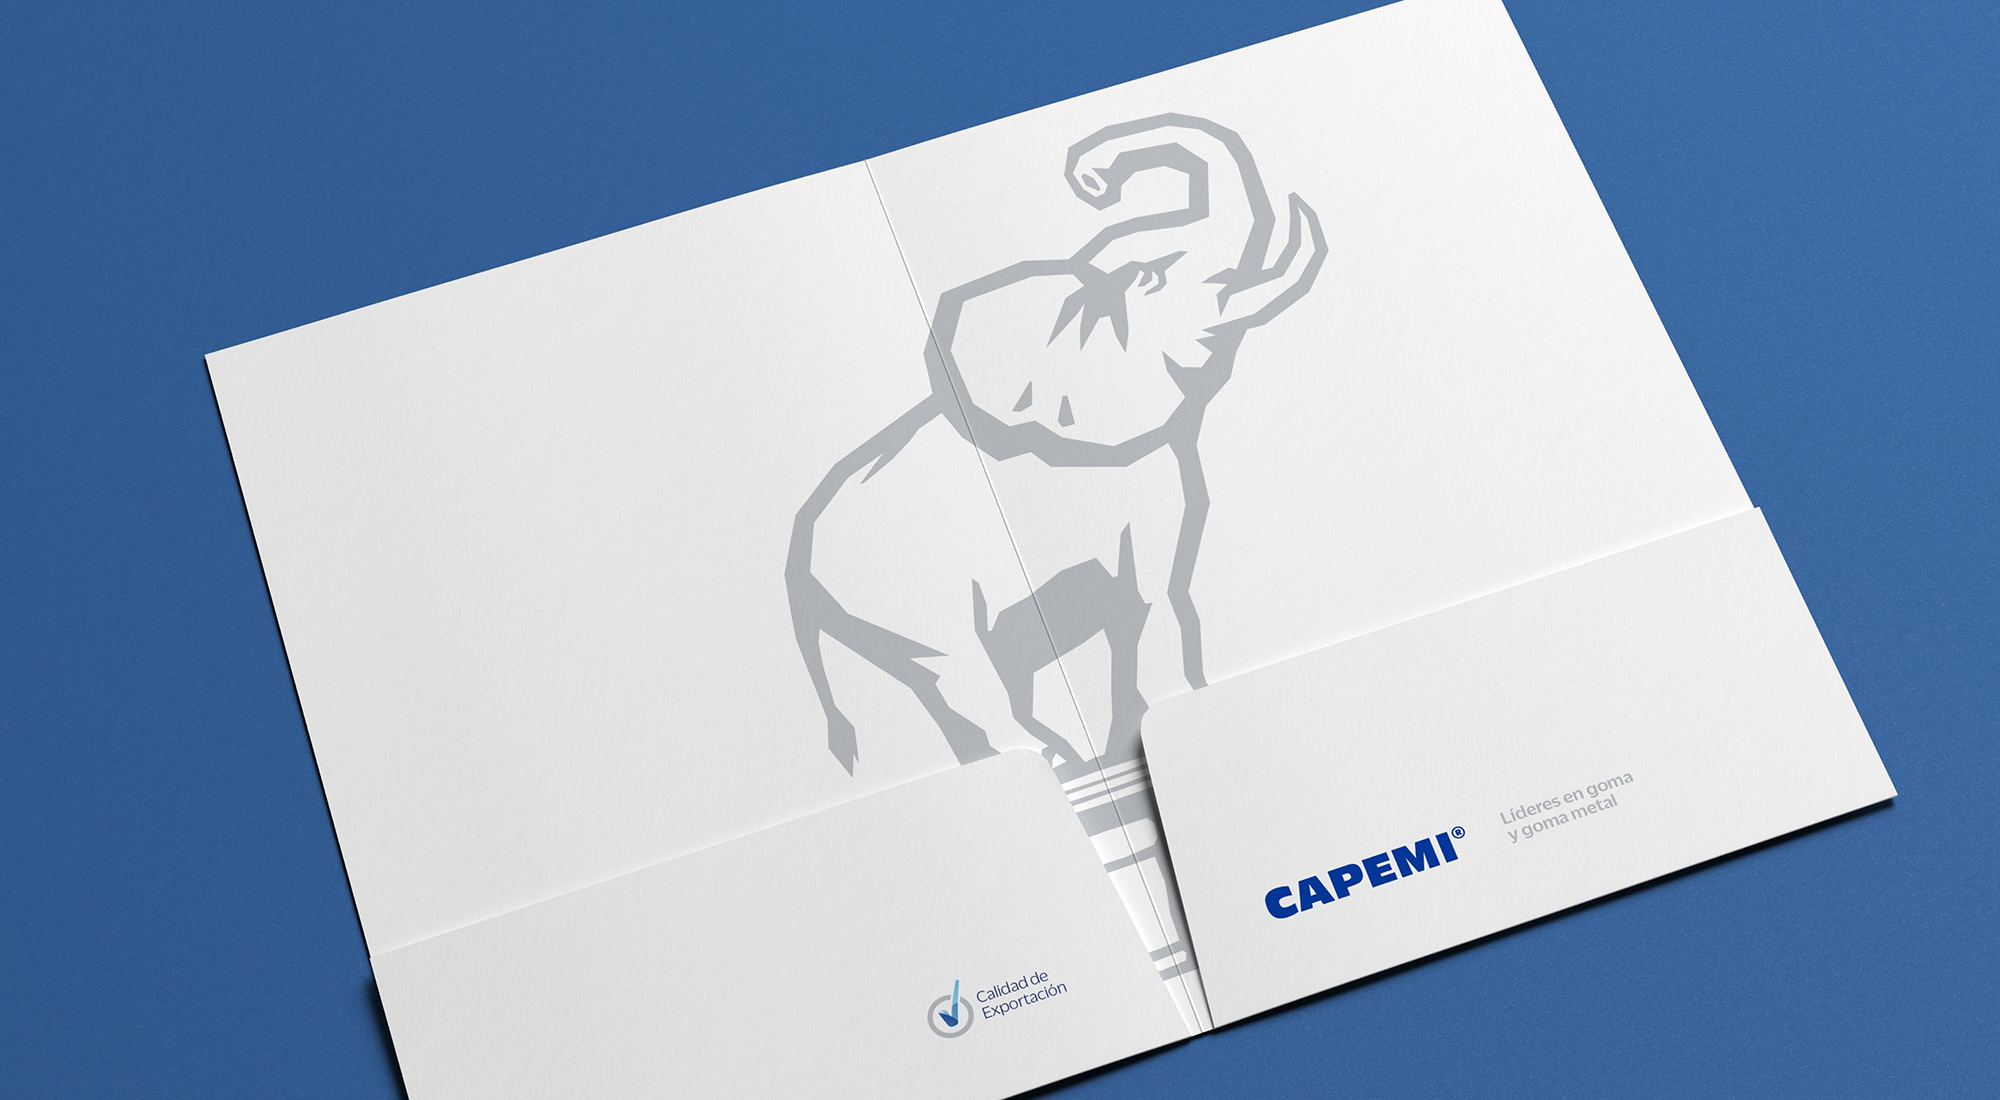 Capemi